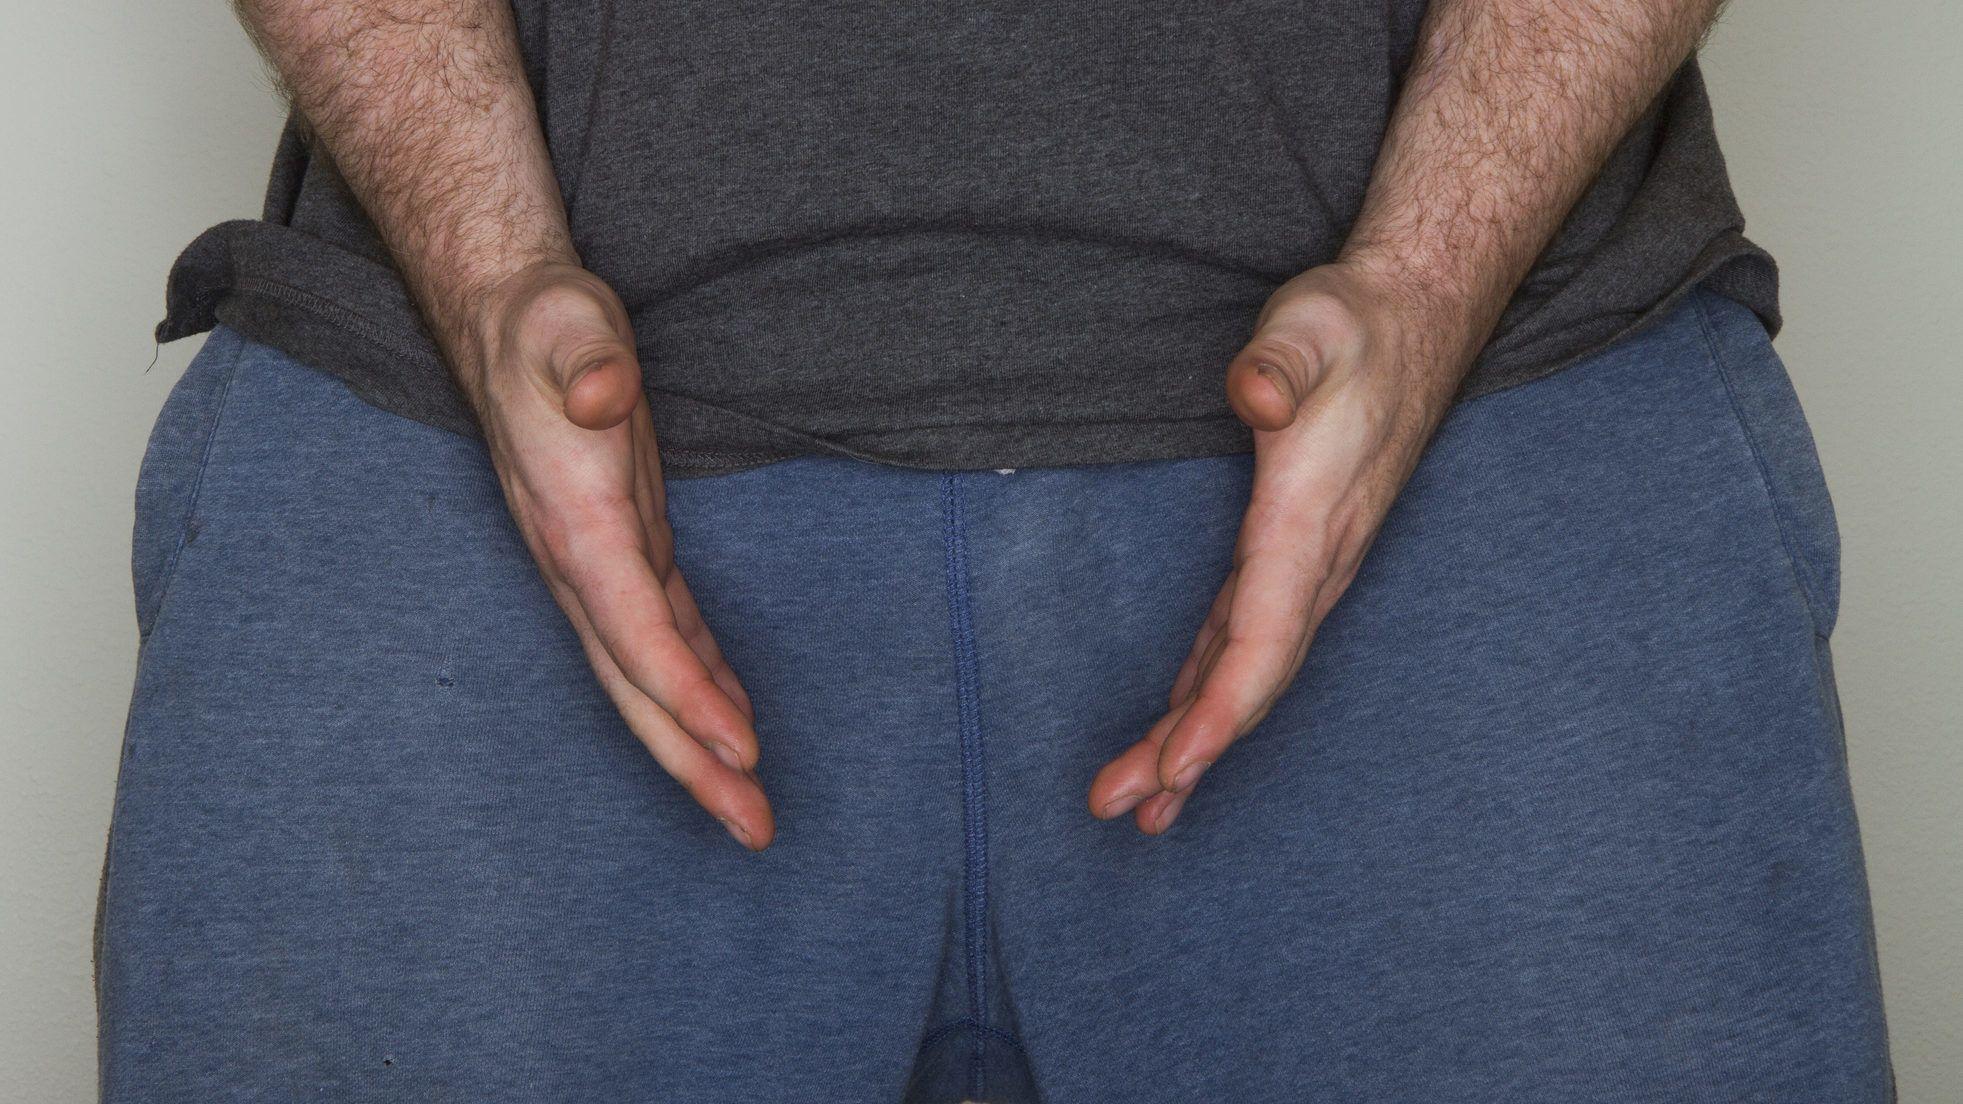 pénisz gyakorlási fórum gyors erekció hogyan lehet javítani